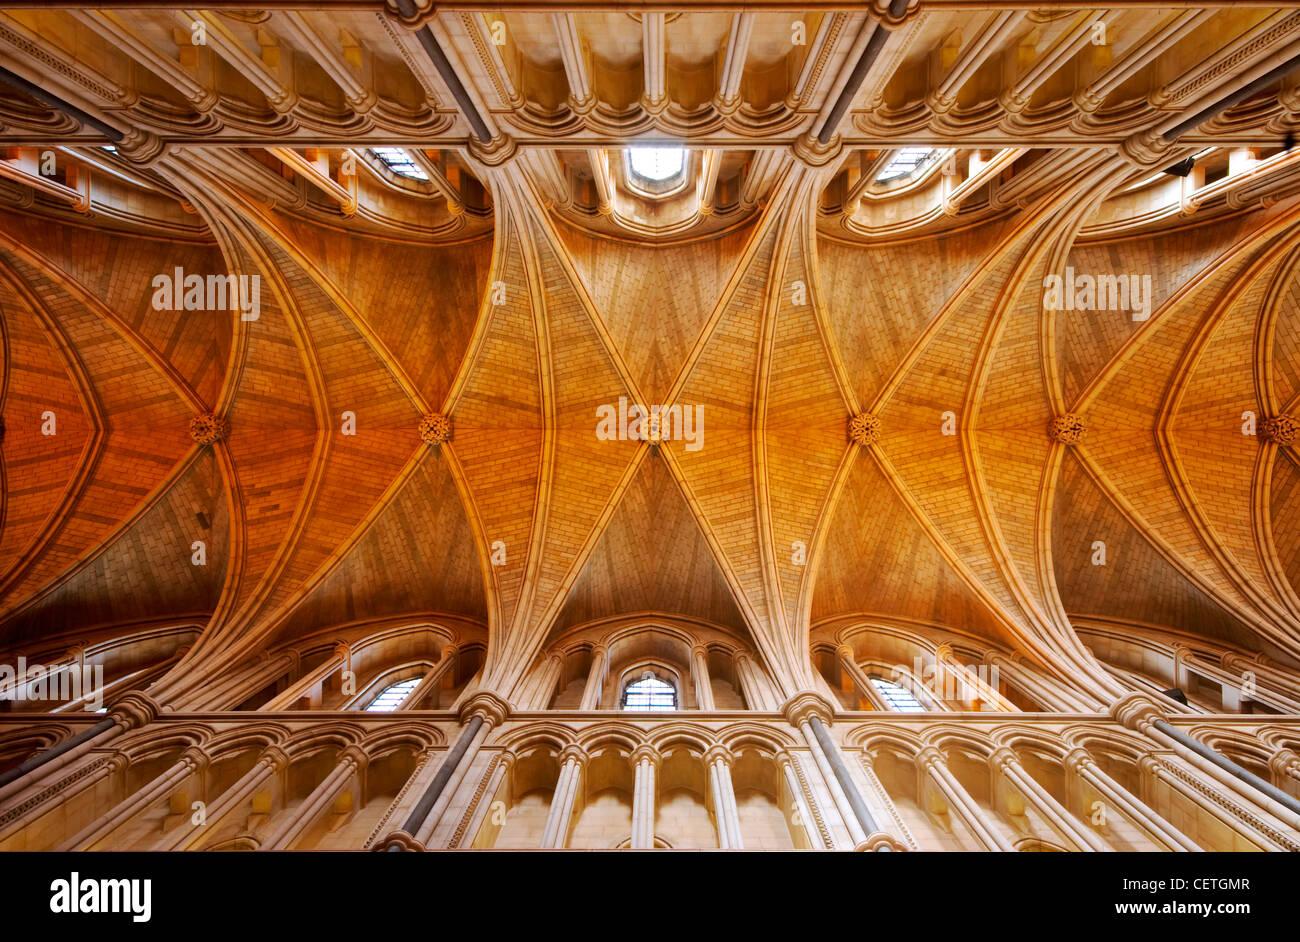 O teto da Catedral Southwark. William Shakespeare se acredita ter sido presente quando John Harvard, fundador da Imagens de Stock